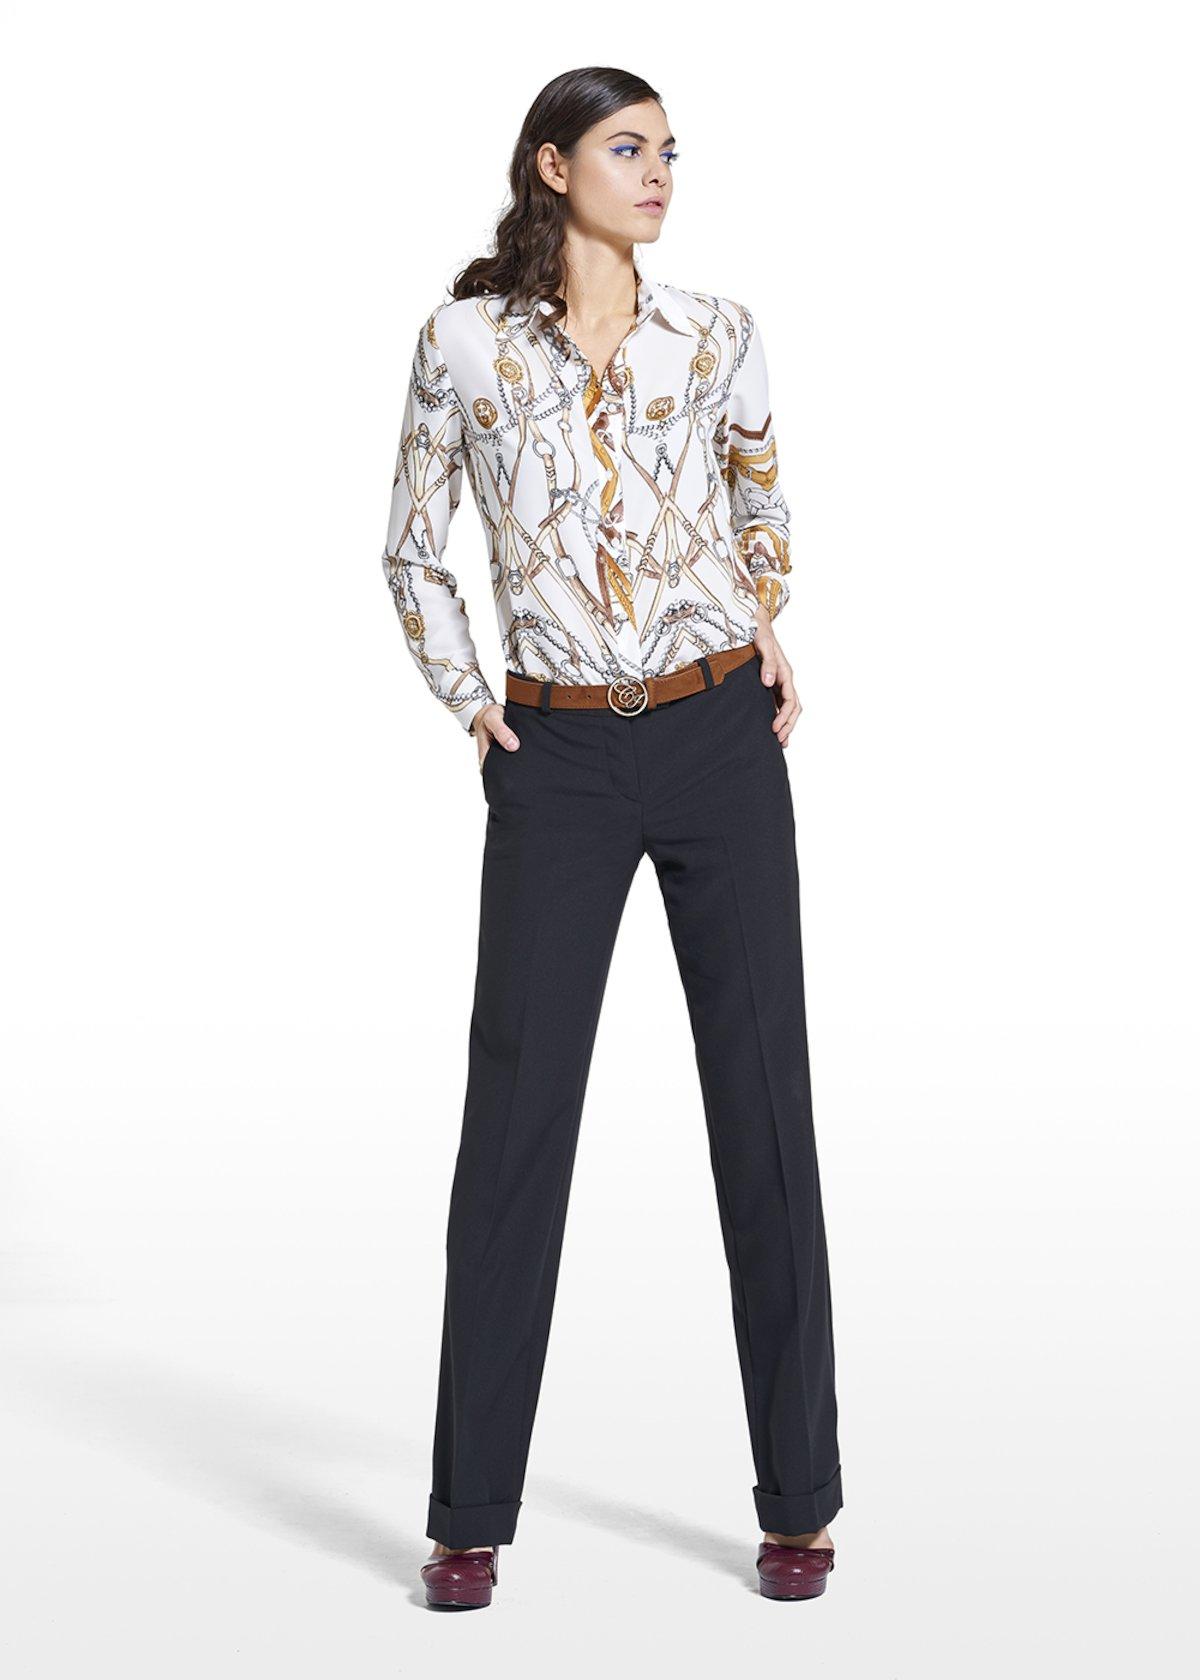 Giorgia model in poly-viscose fabric pants Priamo